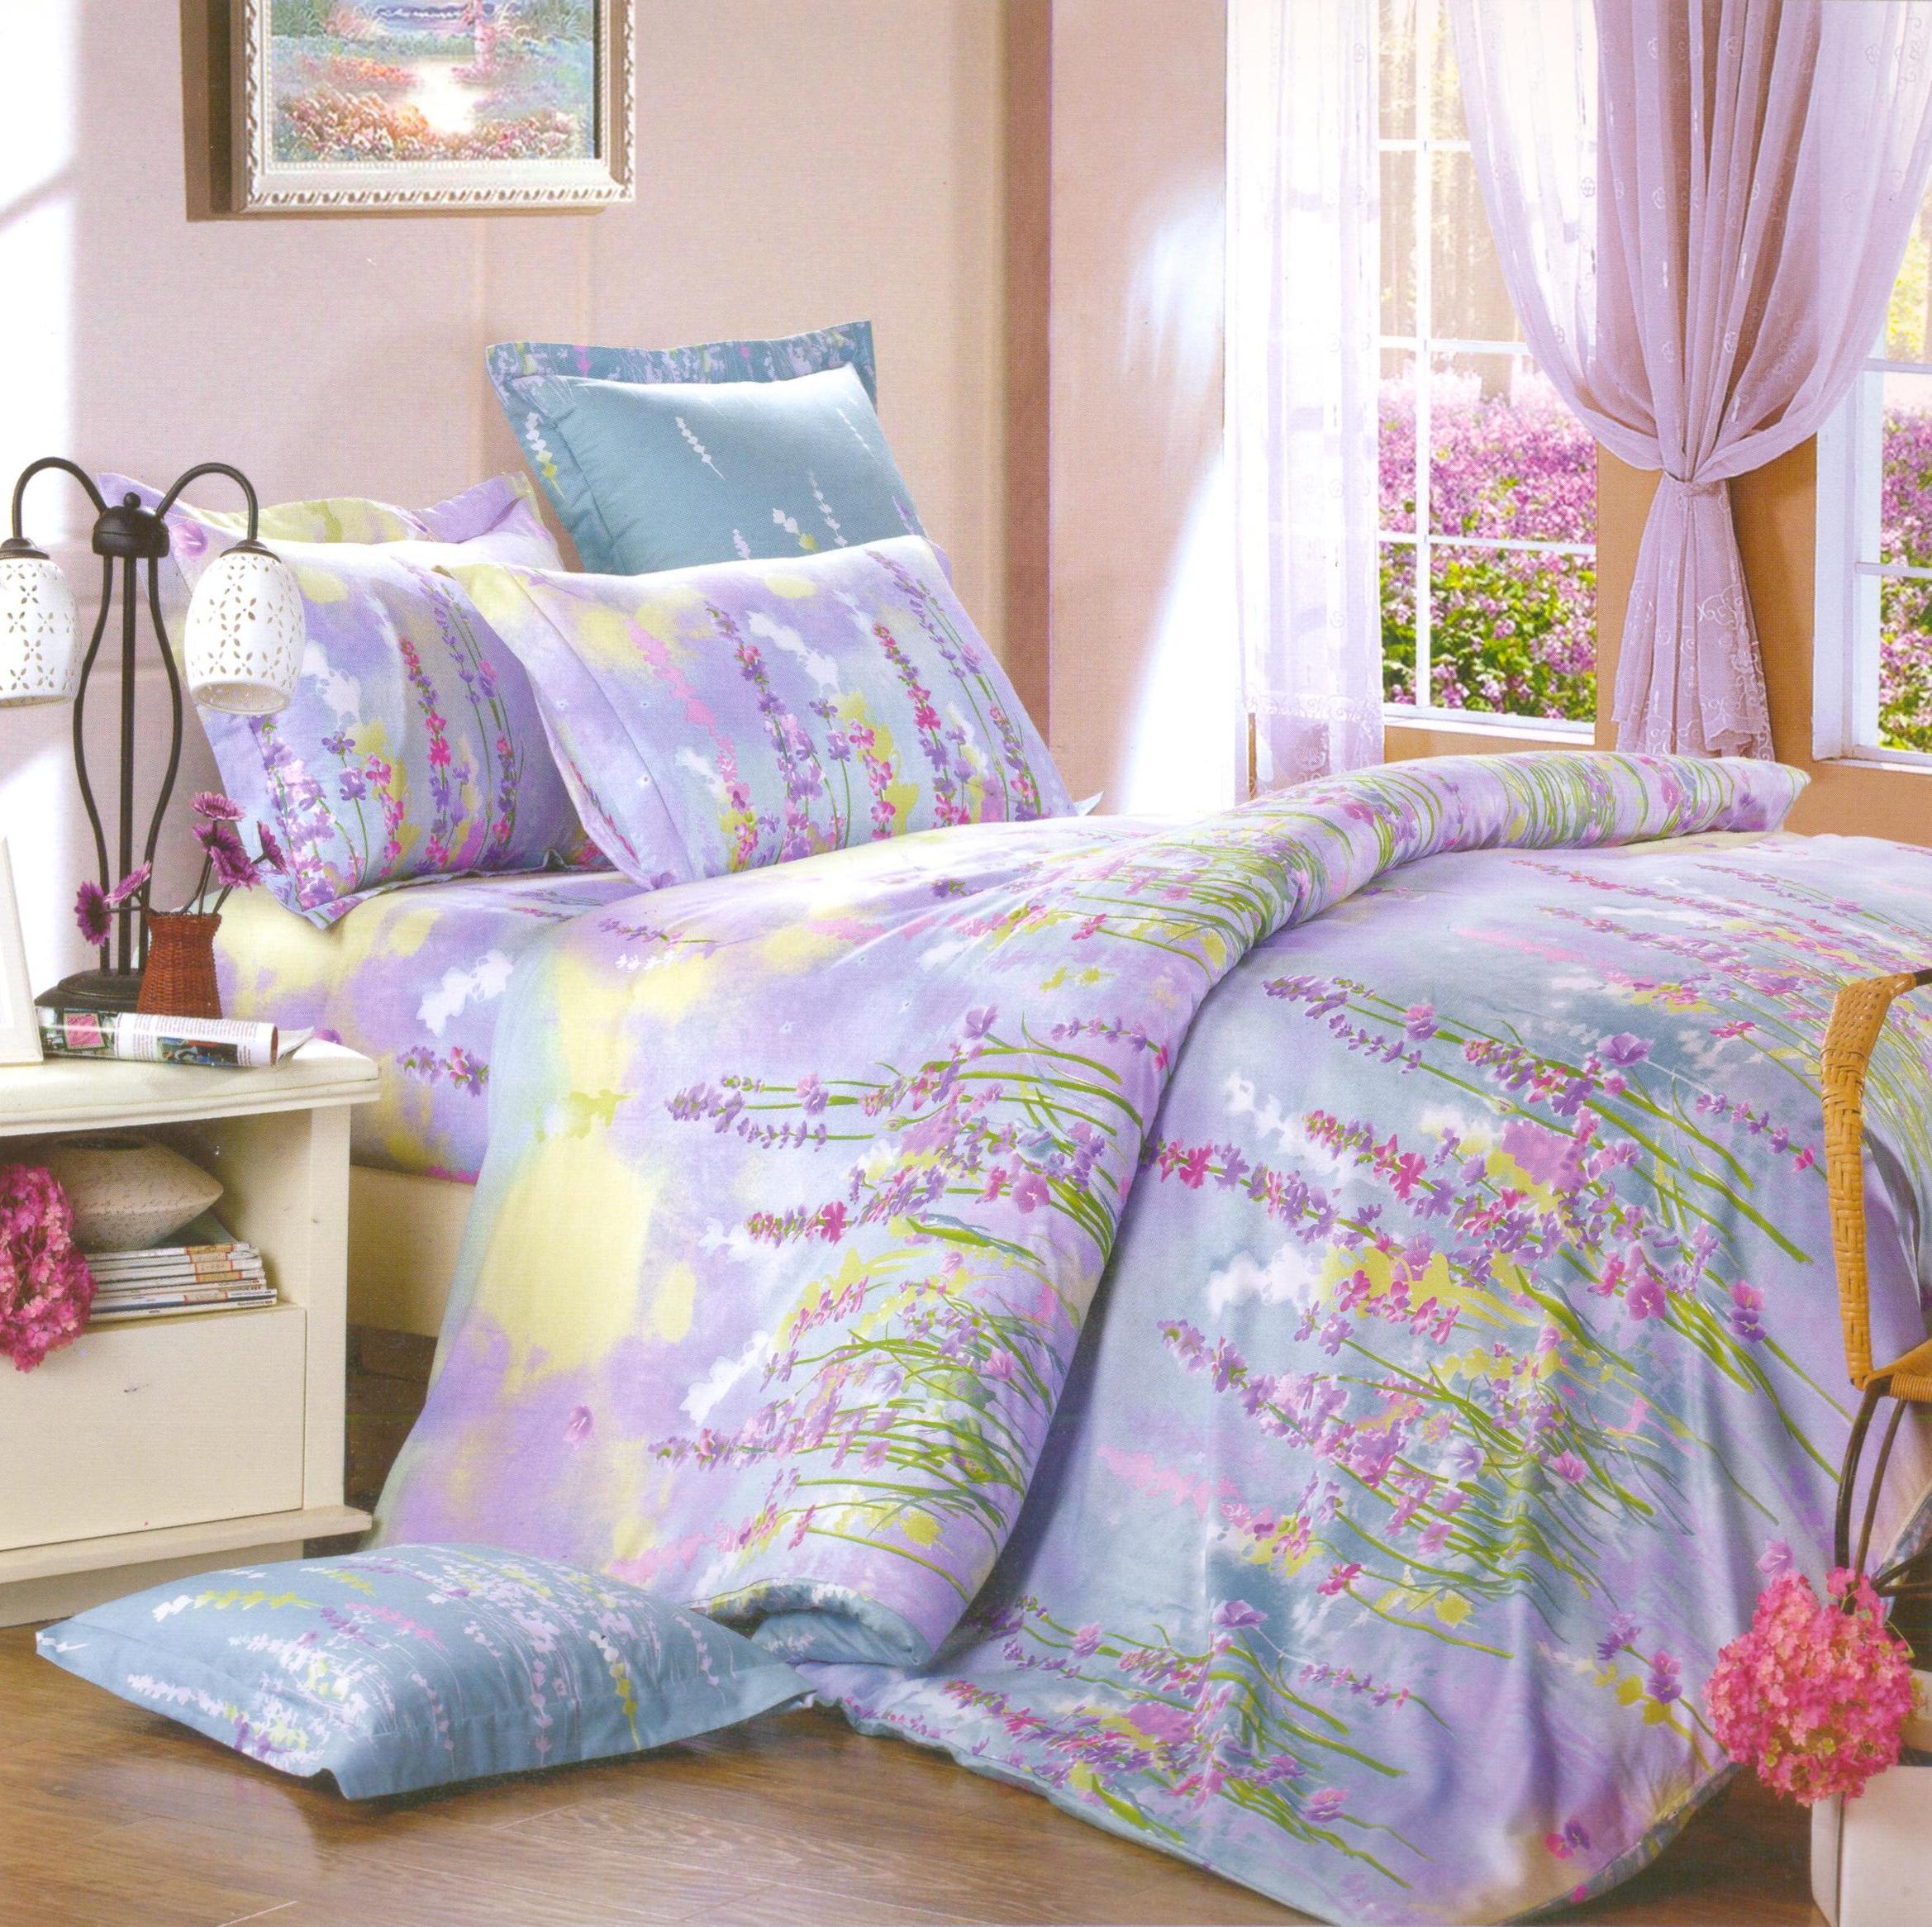 Купить Комплекты постельного белья СайлиД, Постельное белье Revi B-143 (1, 5 спал.), Китай, Сиреневый, Хлопковый сатин